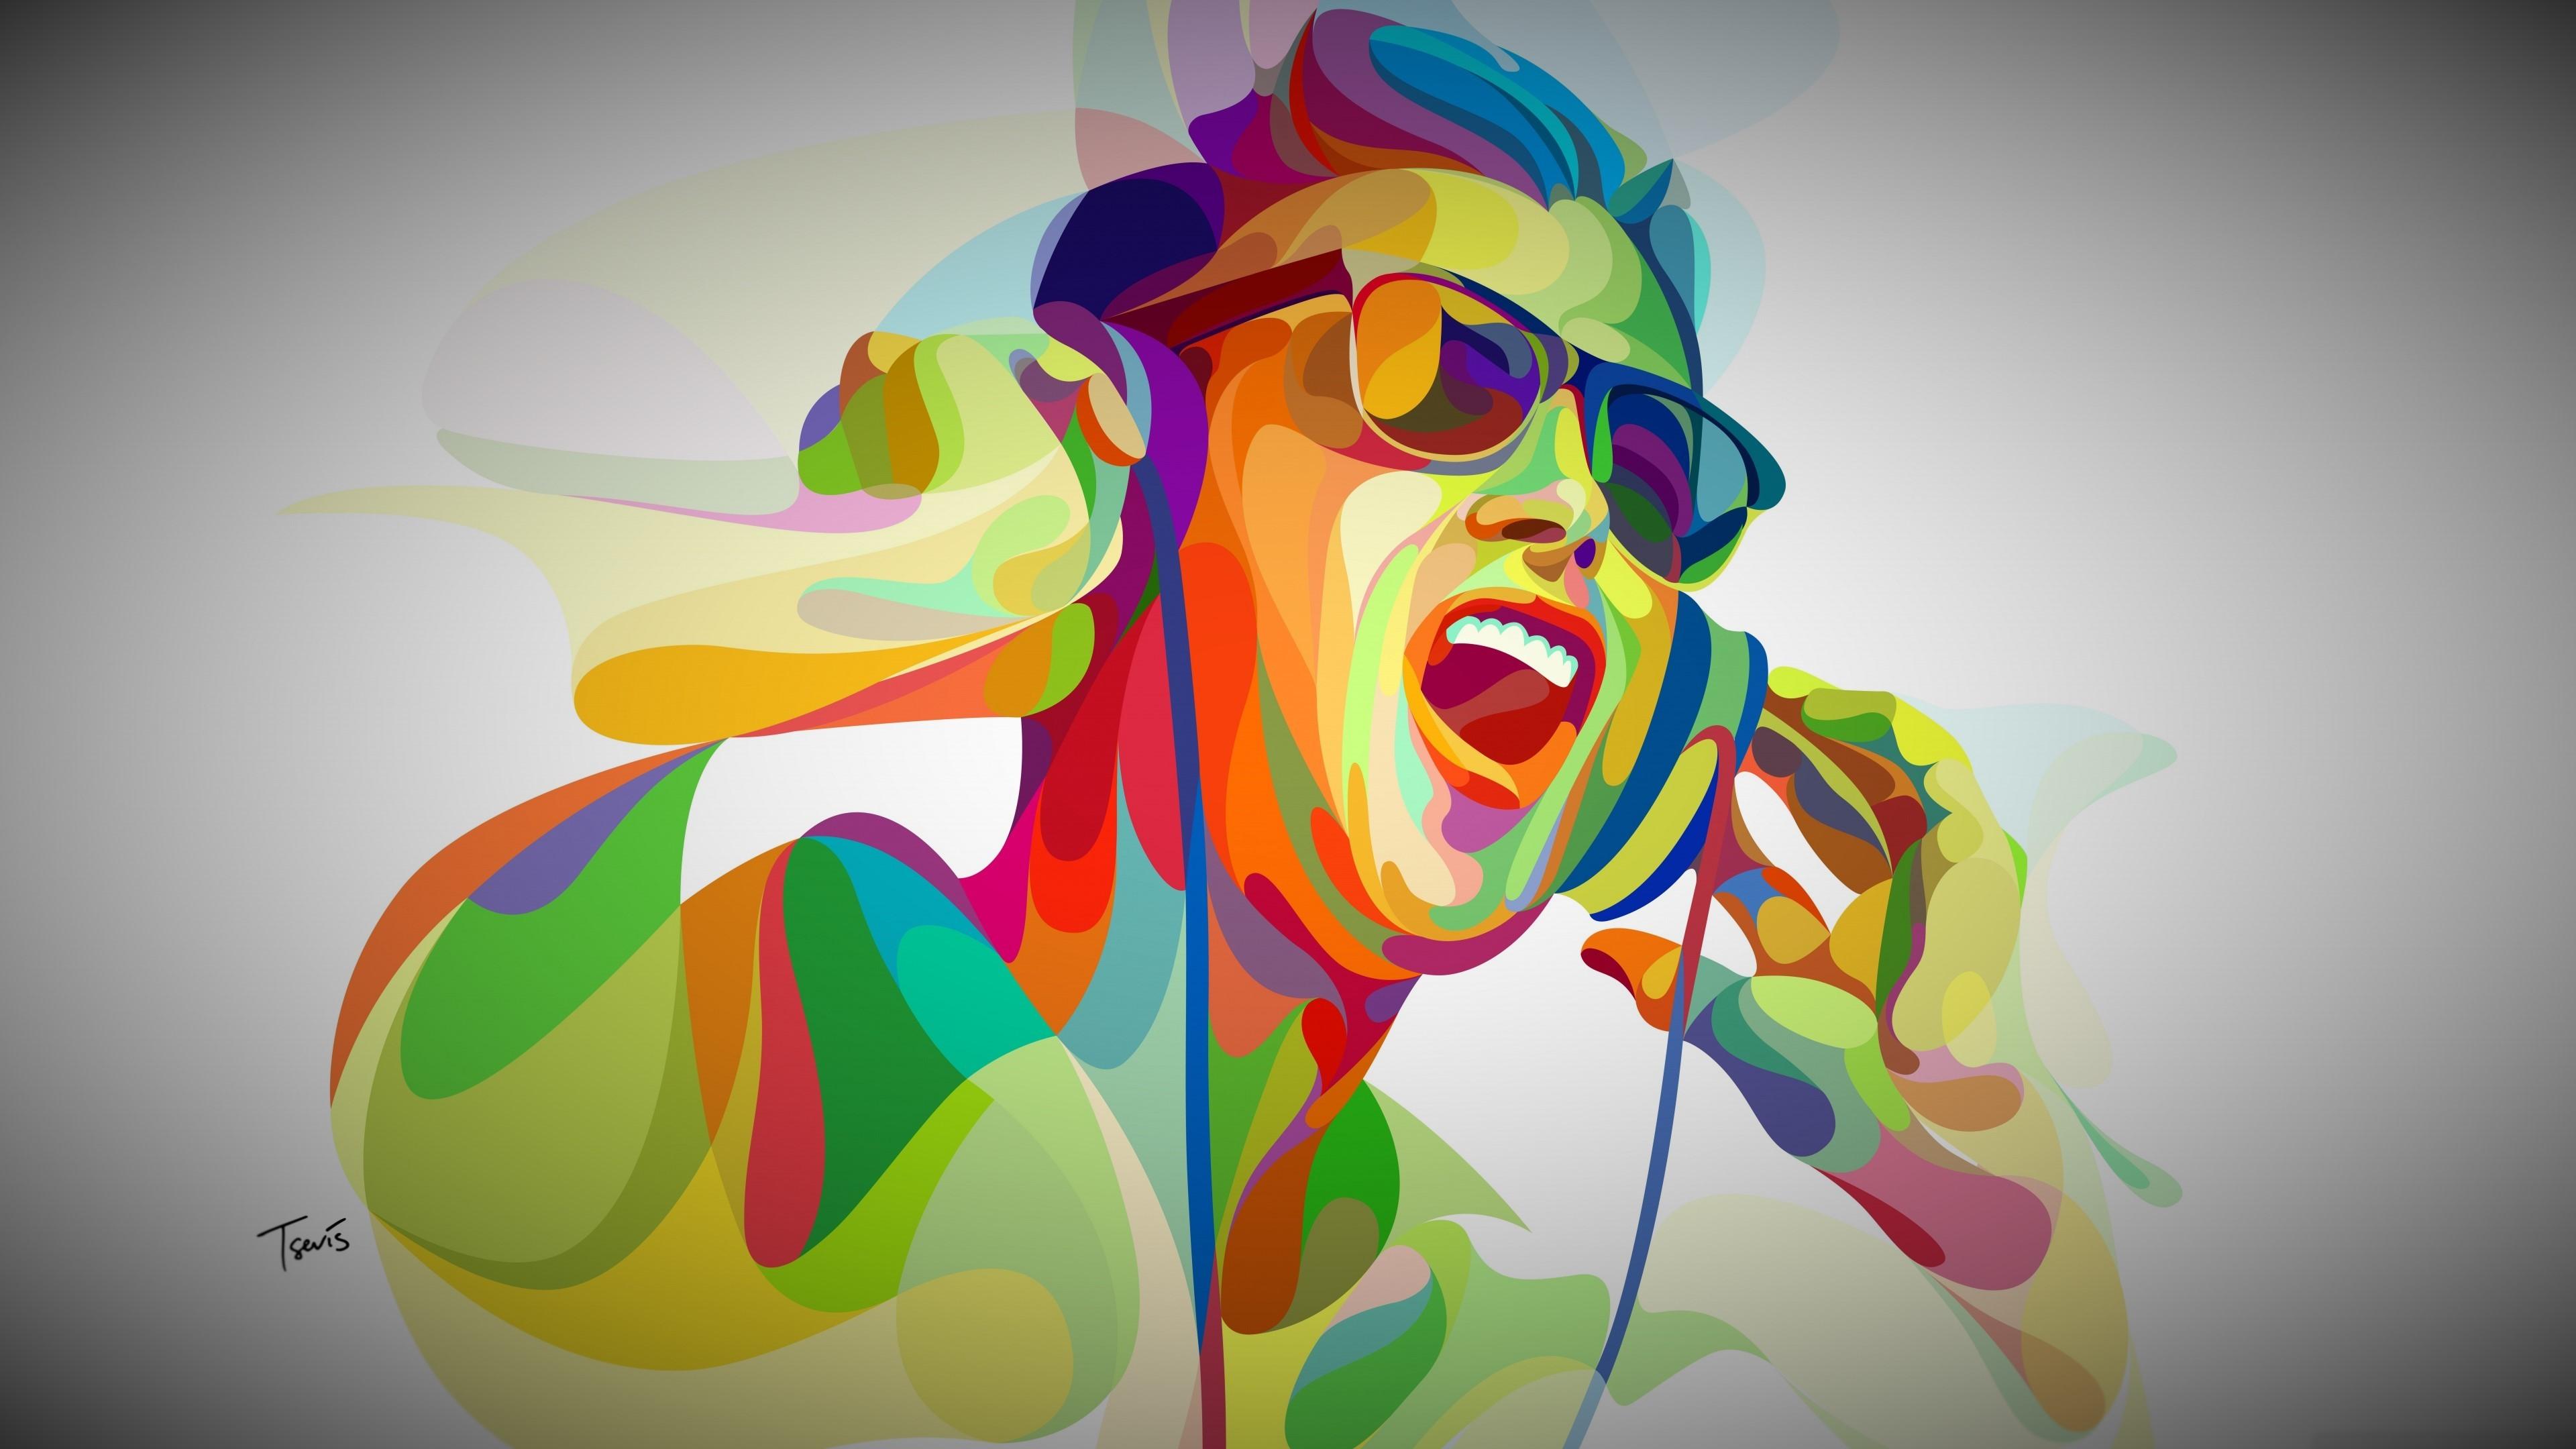 Wallpaper Illustration Anime Artwork Yellow Pop Music Art